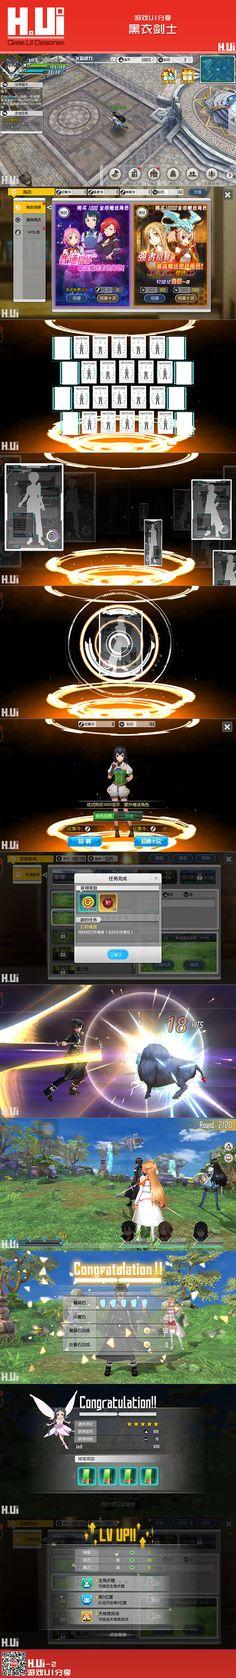 黑衣剑士 手游 #游戏UI# 绘UI-专...